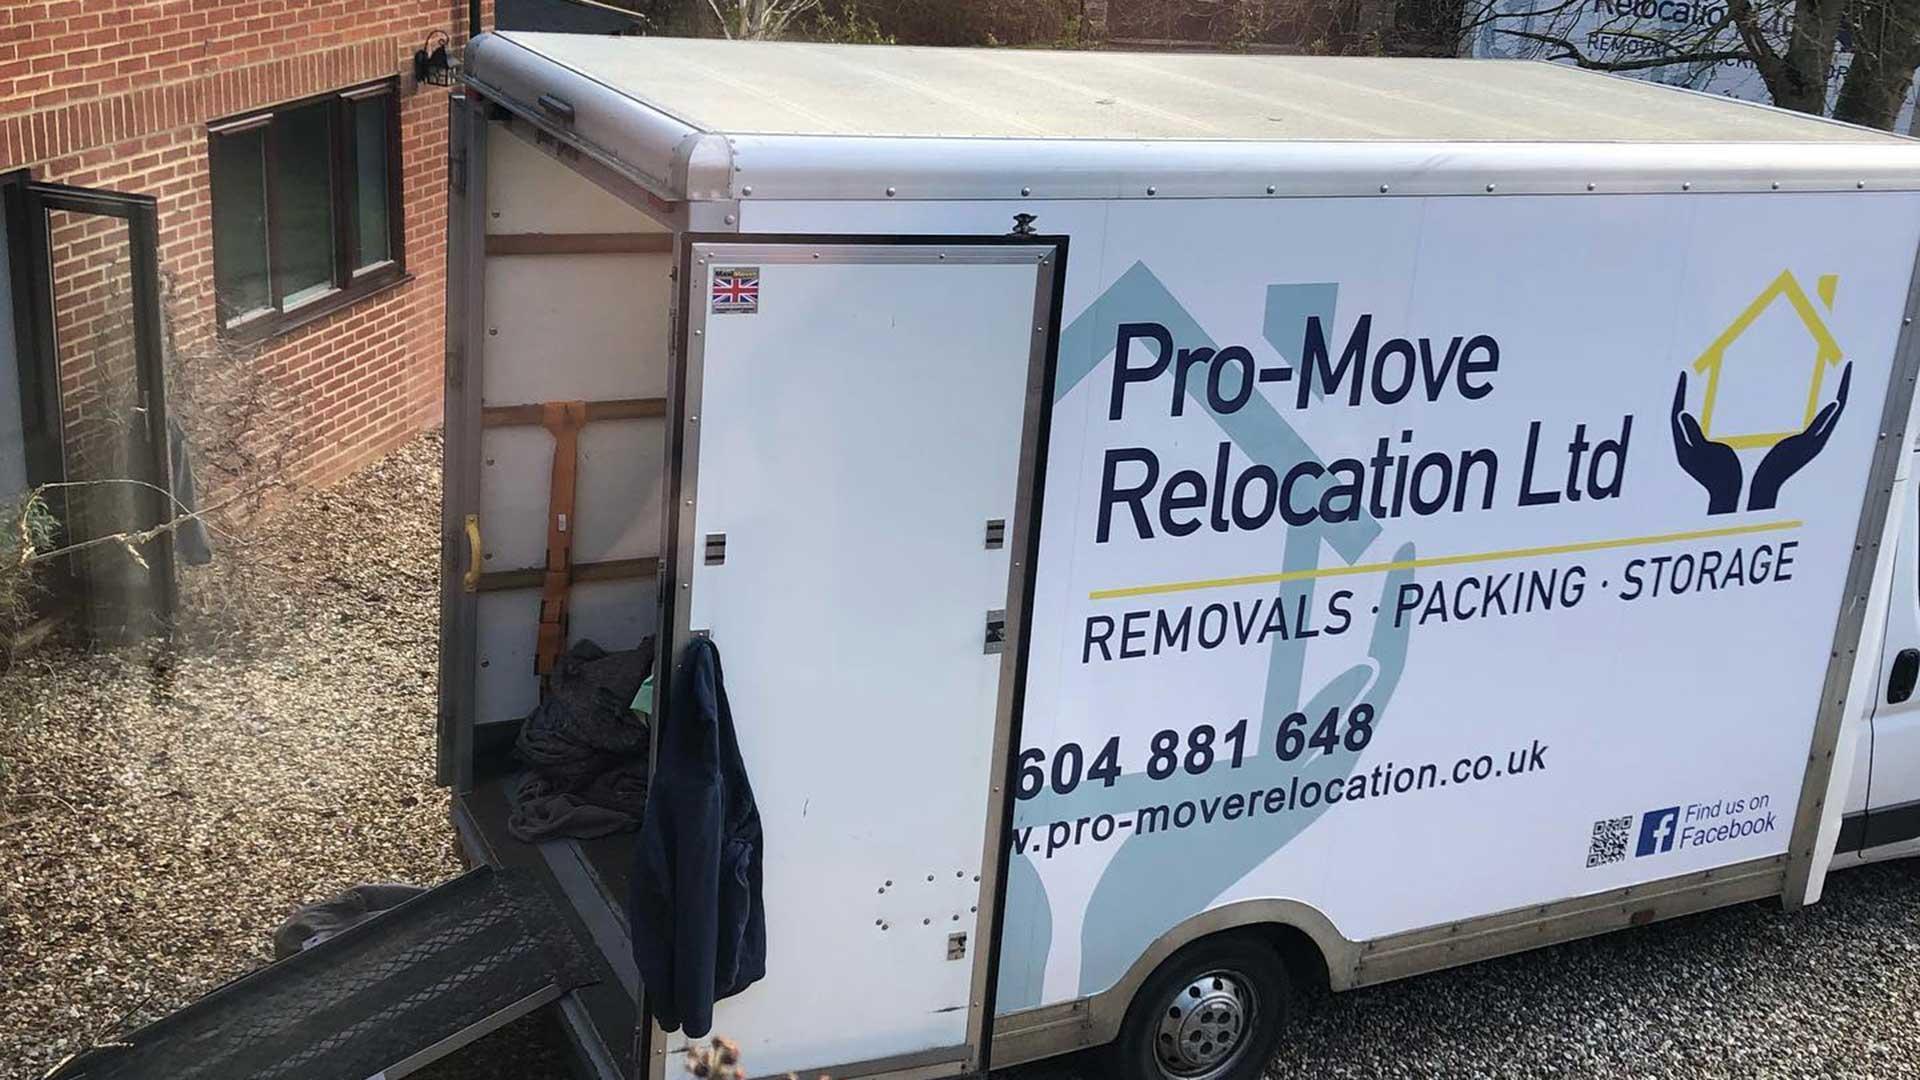 A Pro Move van on a shingle driveway